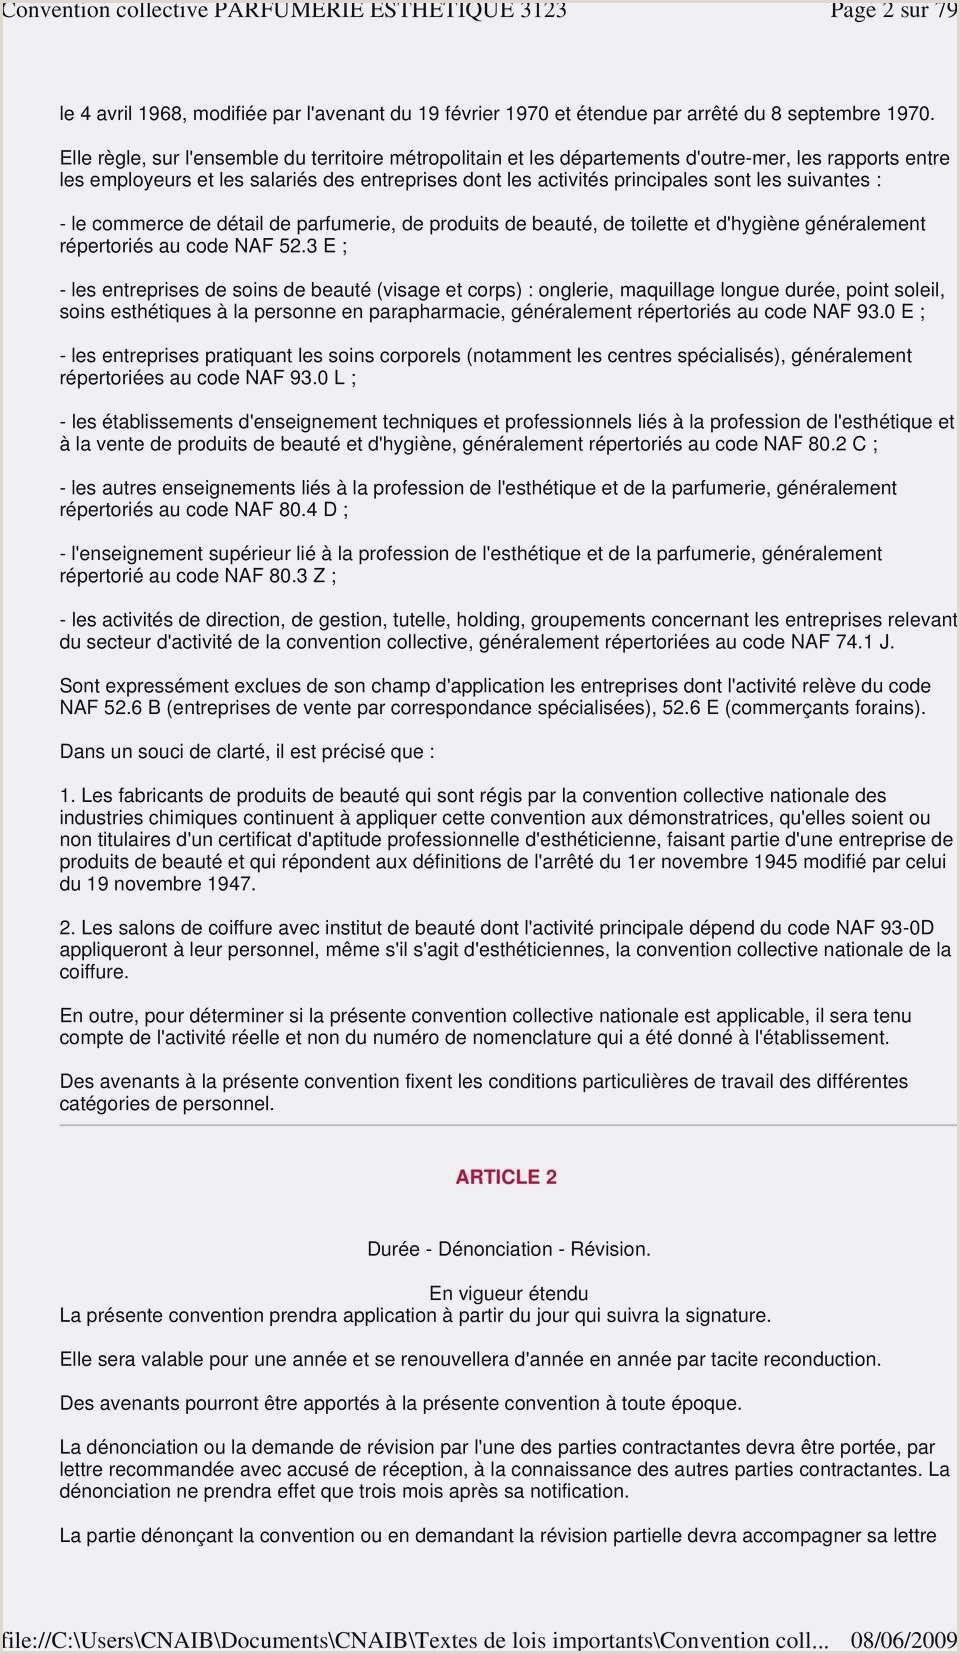 Exemple De Cv Electrotechnique Pdf Cours Cap Coiffure Pdf Cv De Coiffeur Pour En Coiffure Mole